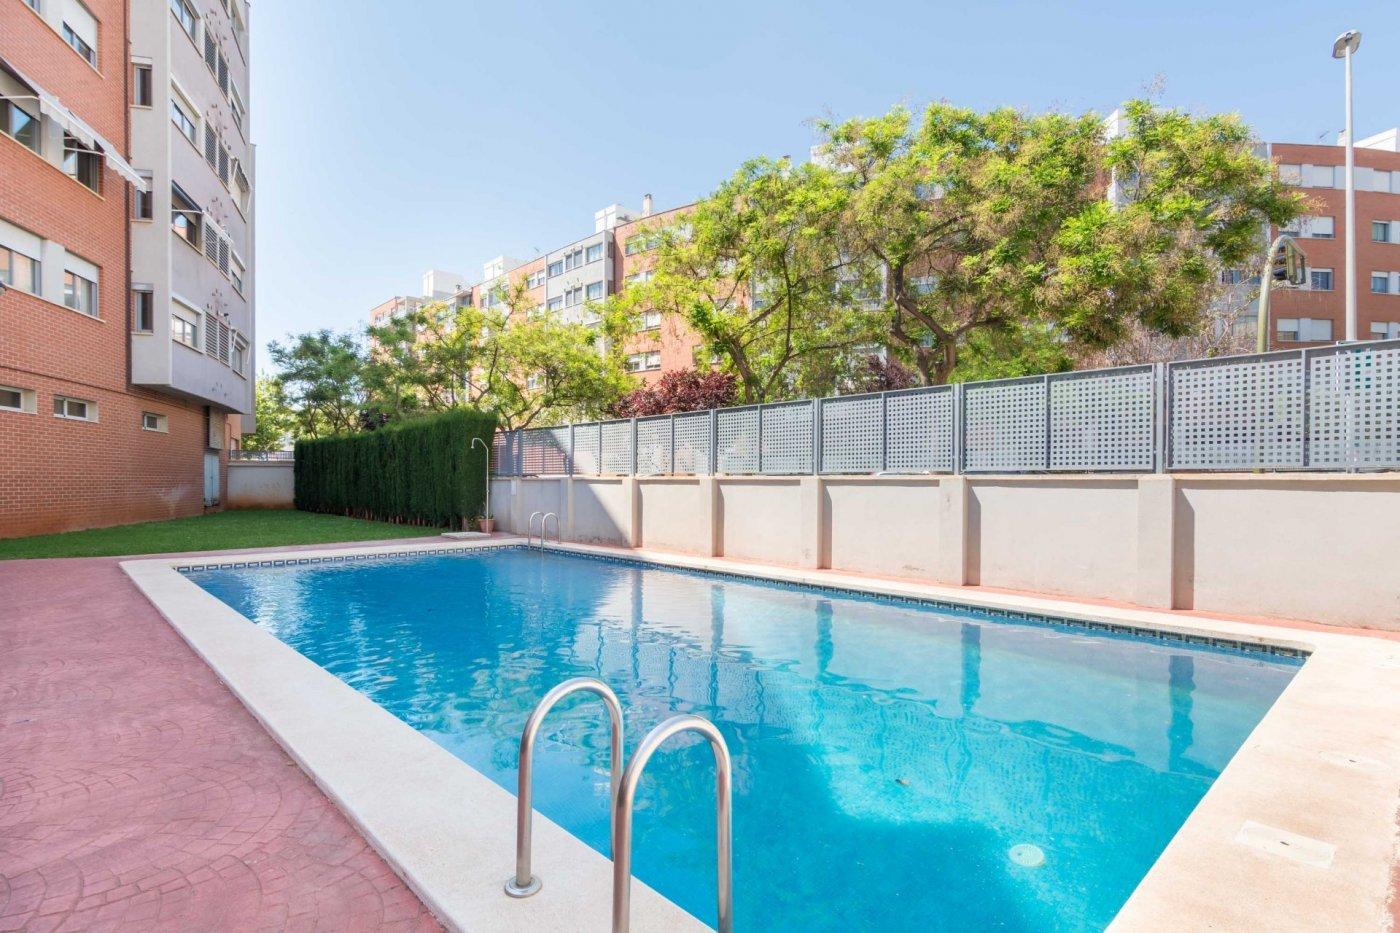 piso en castellon---castello-de-la-plana · uji 160000€